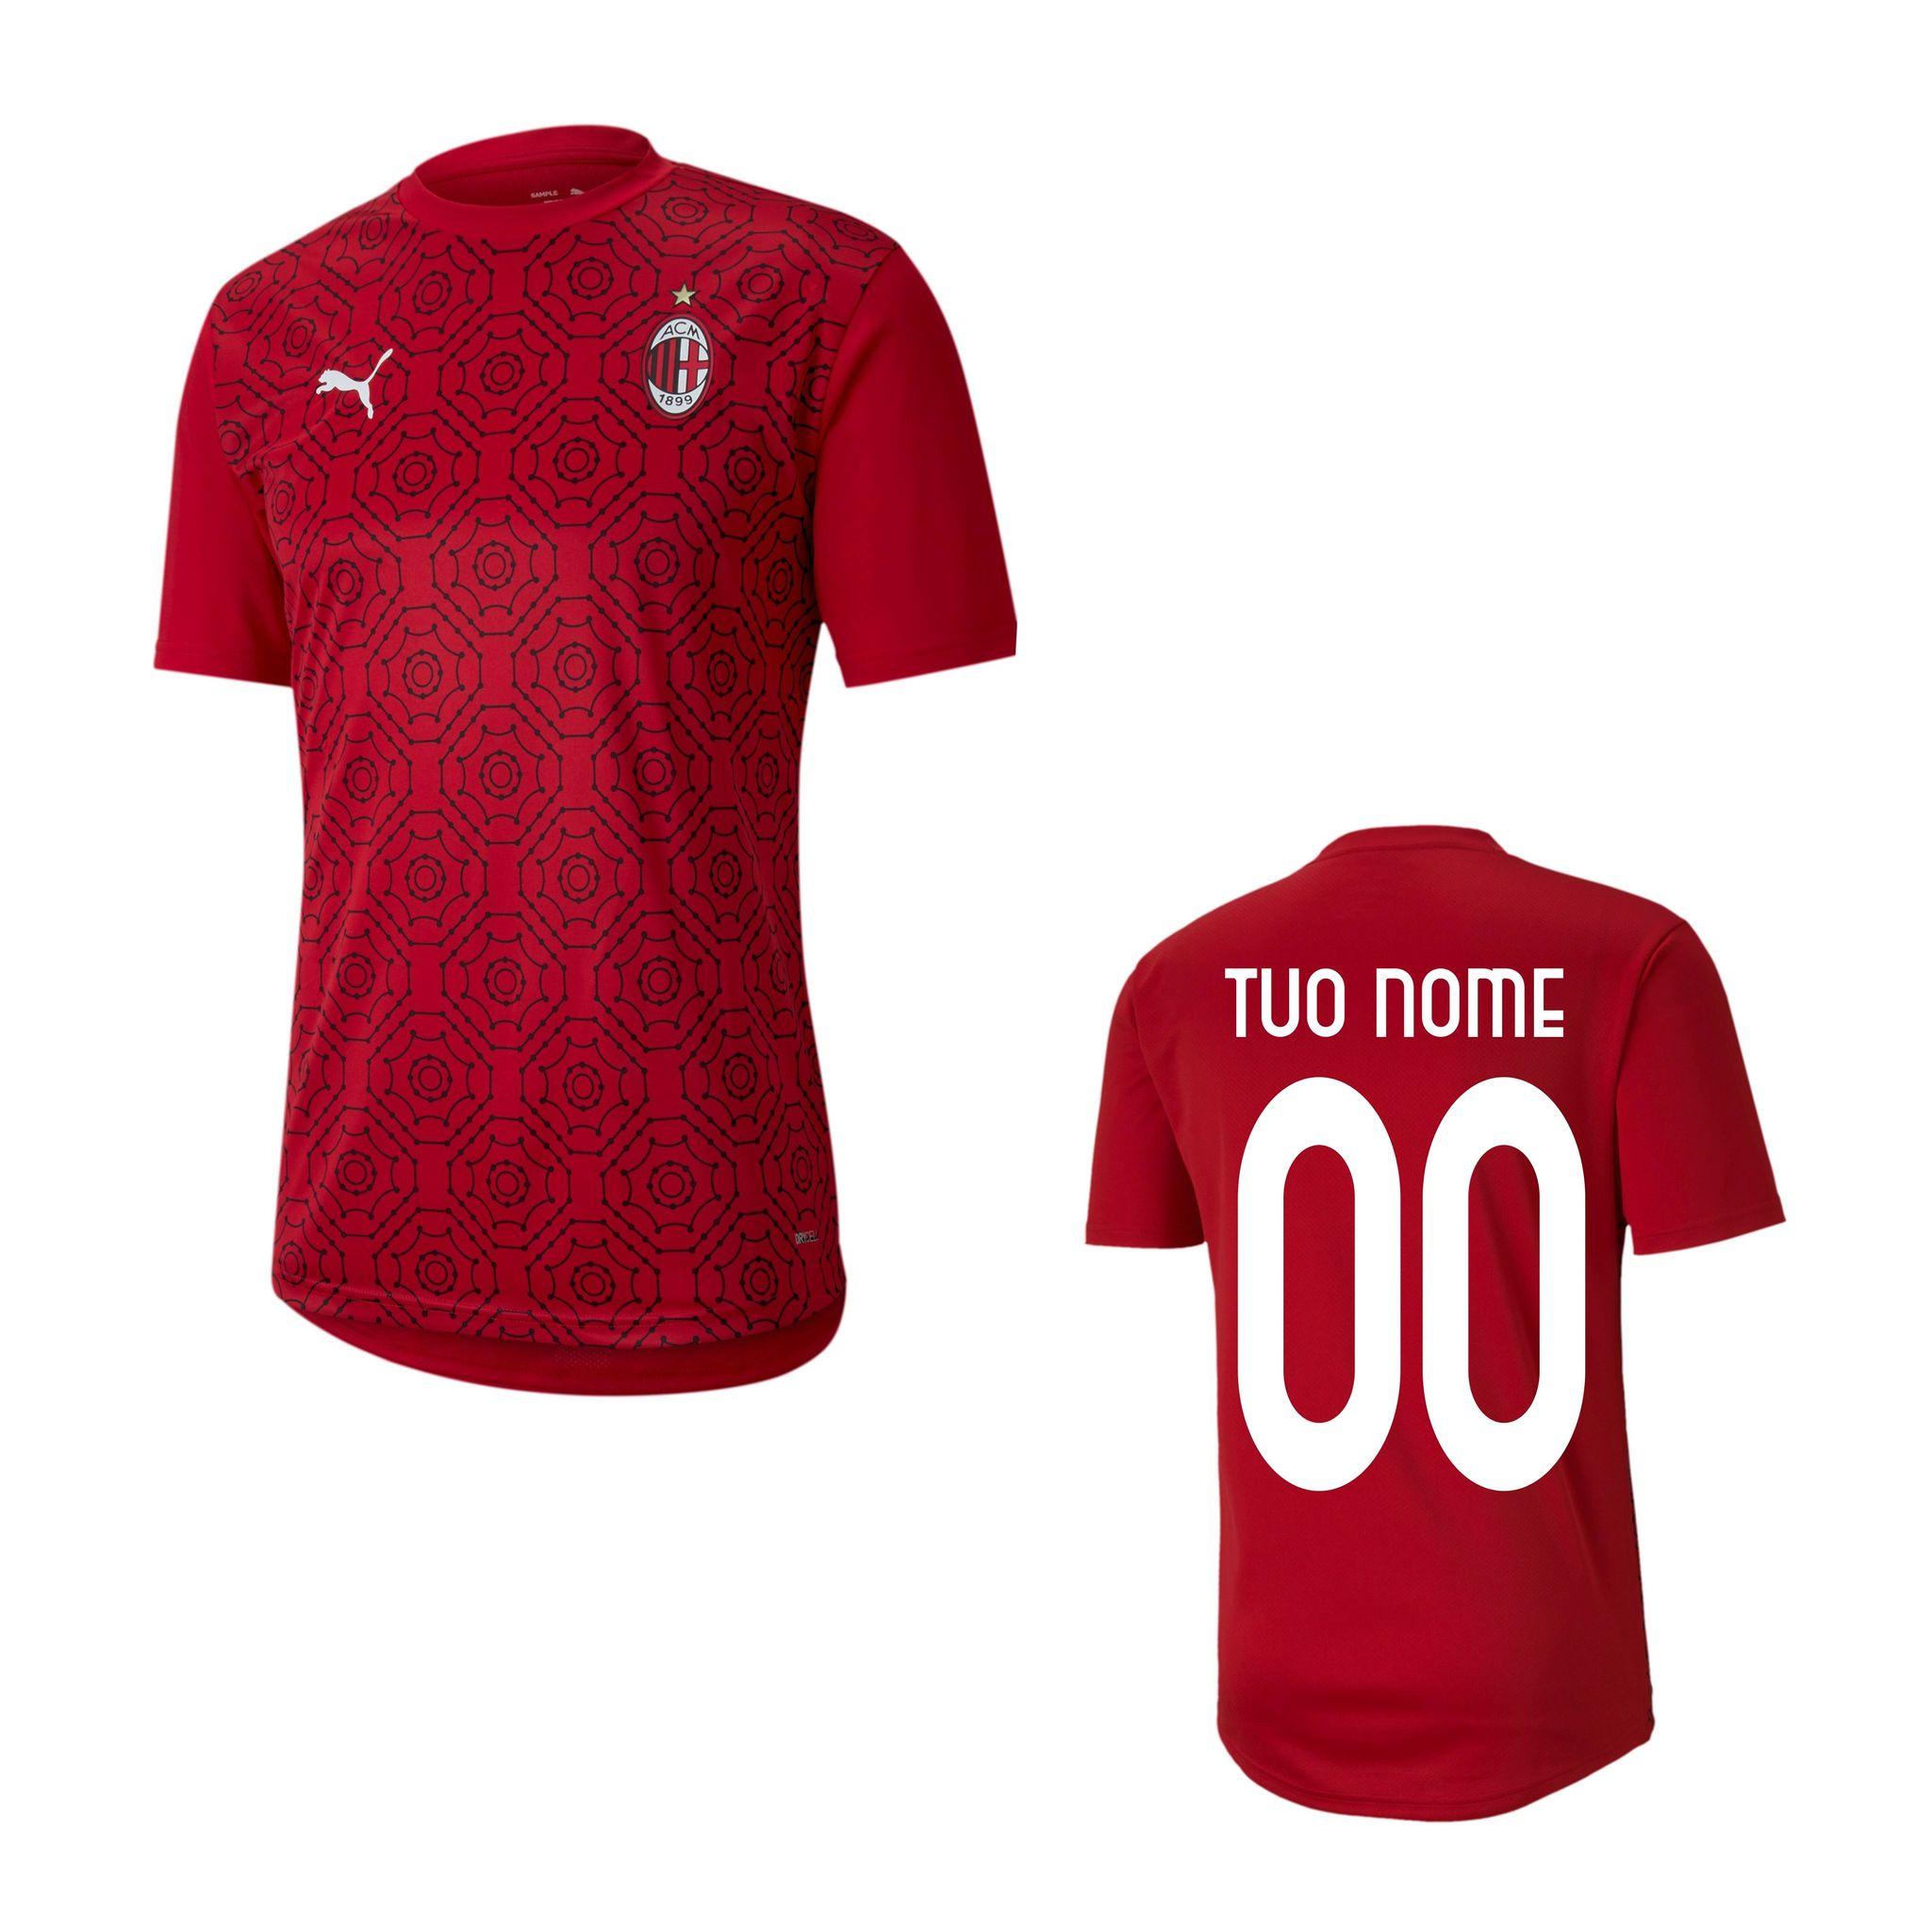 Maglia Allenamento Prematch Rossa Bambino A.C. Milan 2020/2021